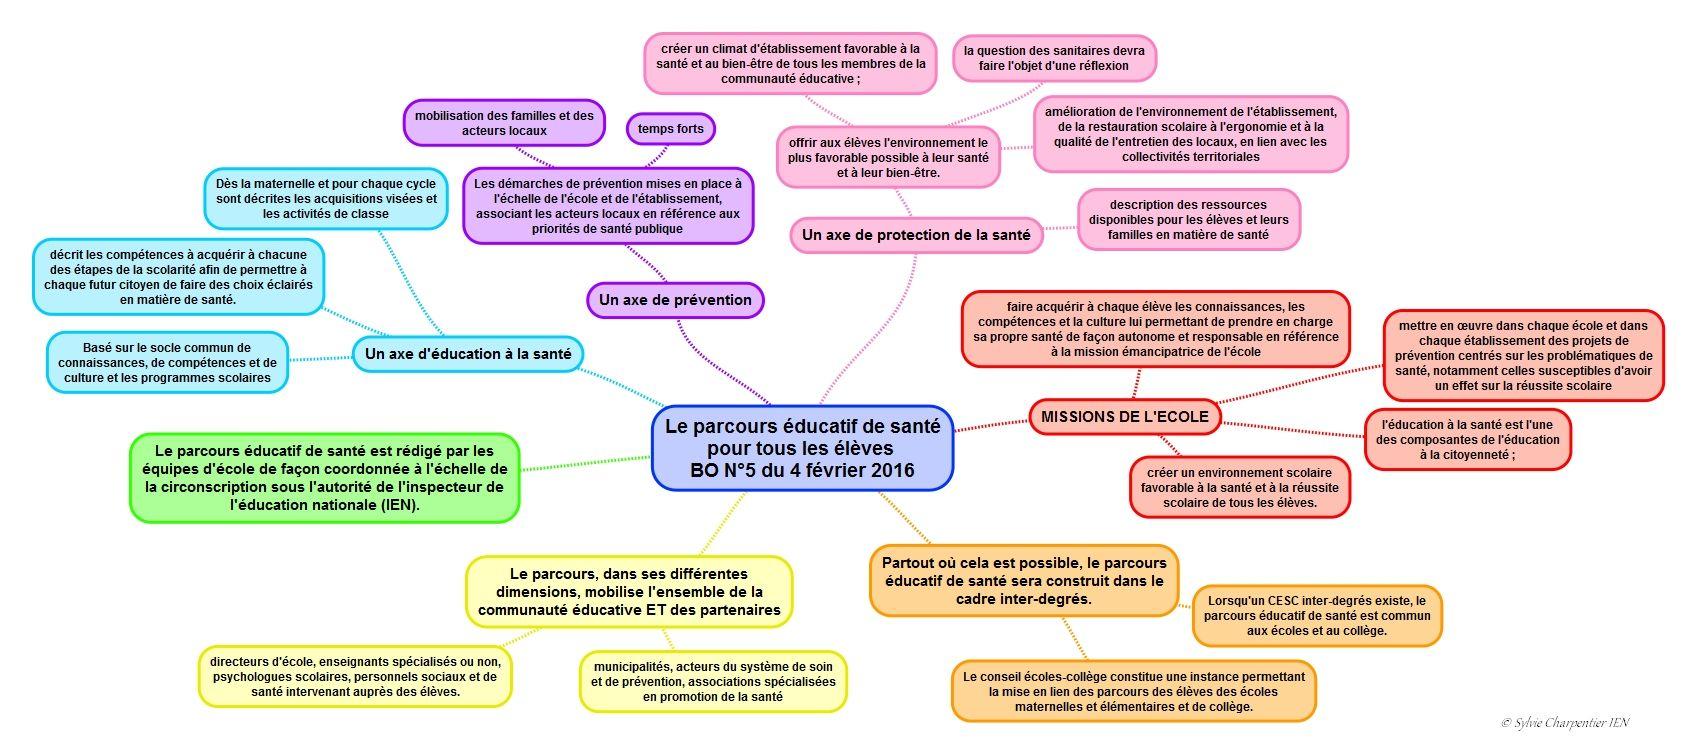 Mise En Place Du Parcours Educatif De Sante Pour Tous Les Eleves Sos Direction D Ecole Education Projet D Ecole Ecole